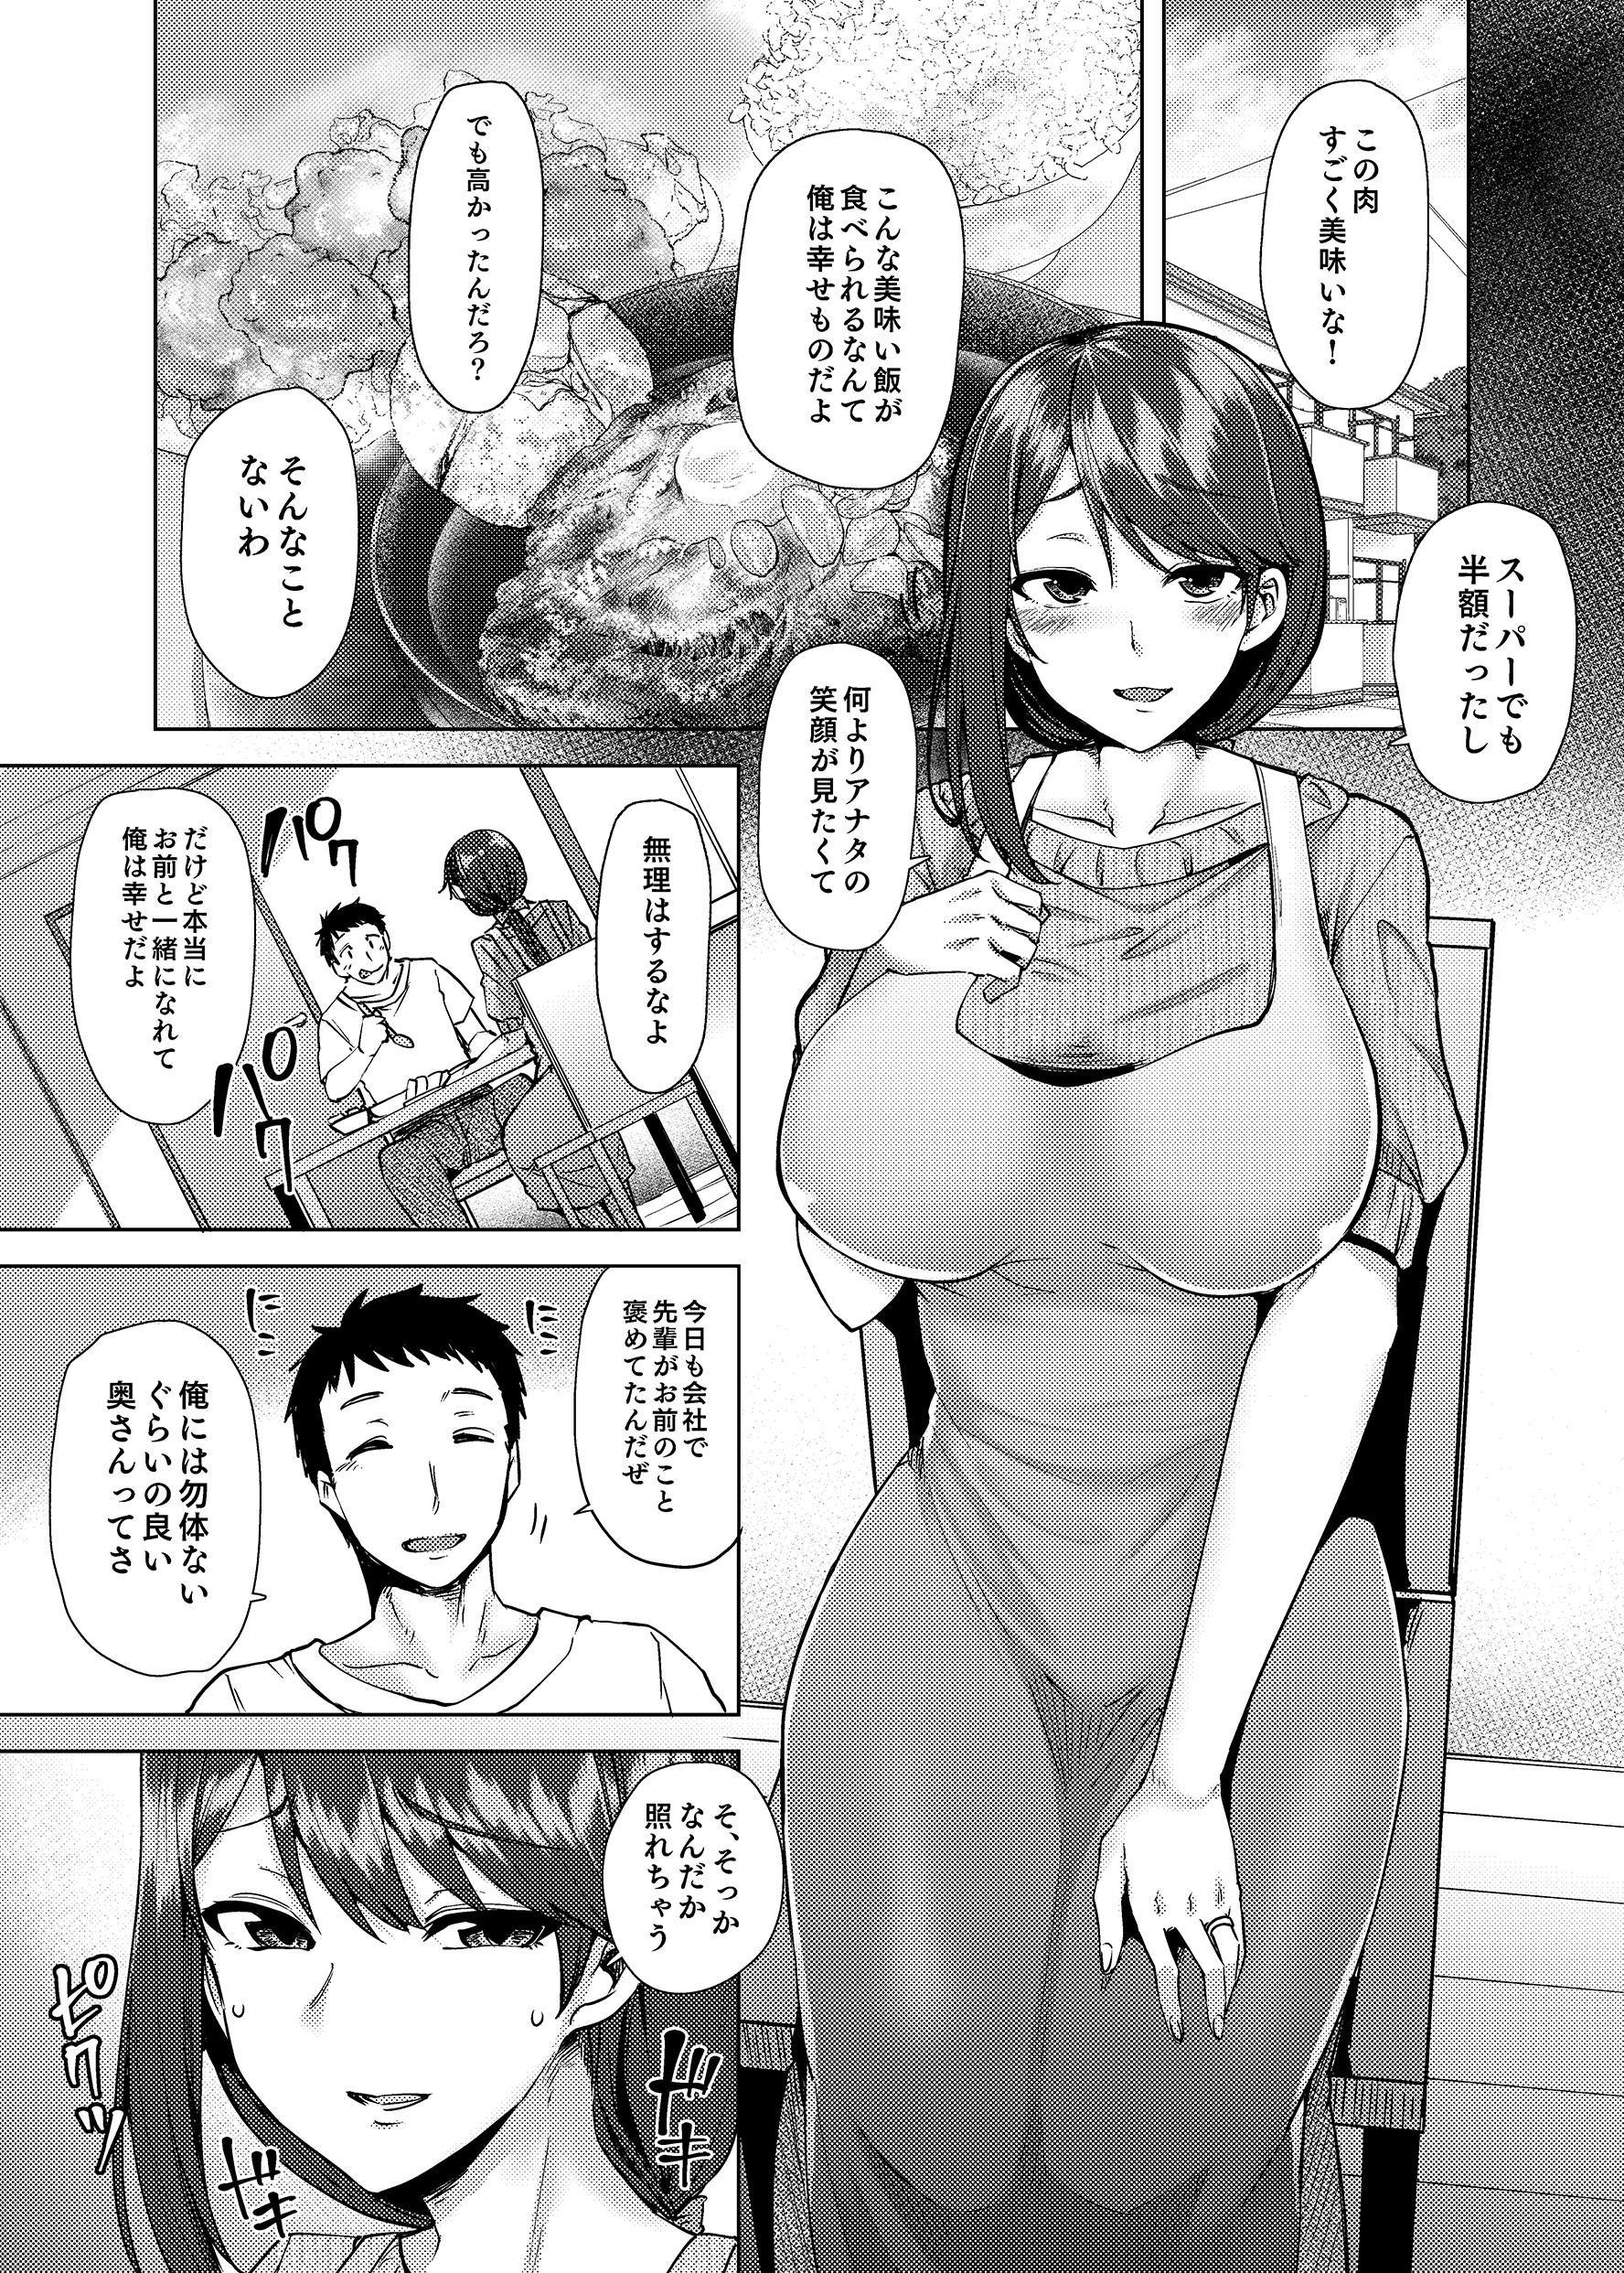 エロ-2-12 万引きを繰り返してた巨乳若妻さん…店長に見つかってしまい…【エロ漫画:私が万引きをした理由を聞いてください】